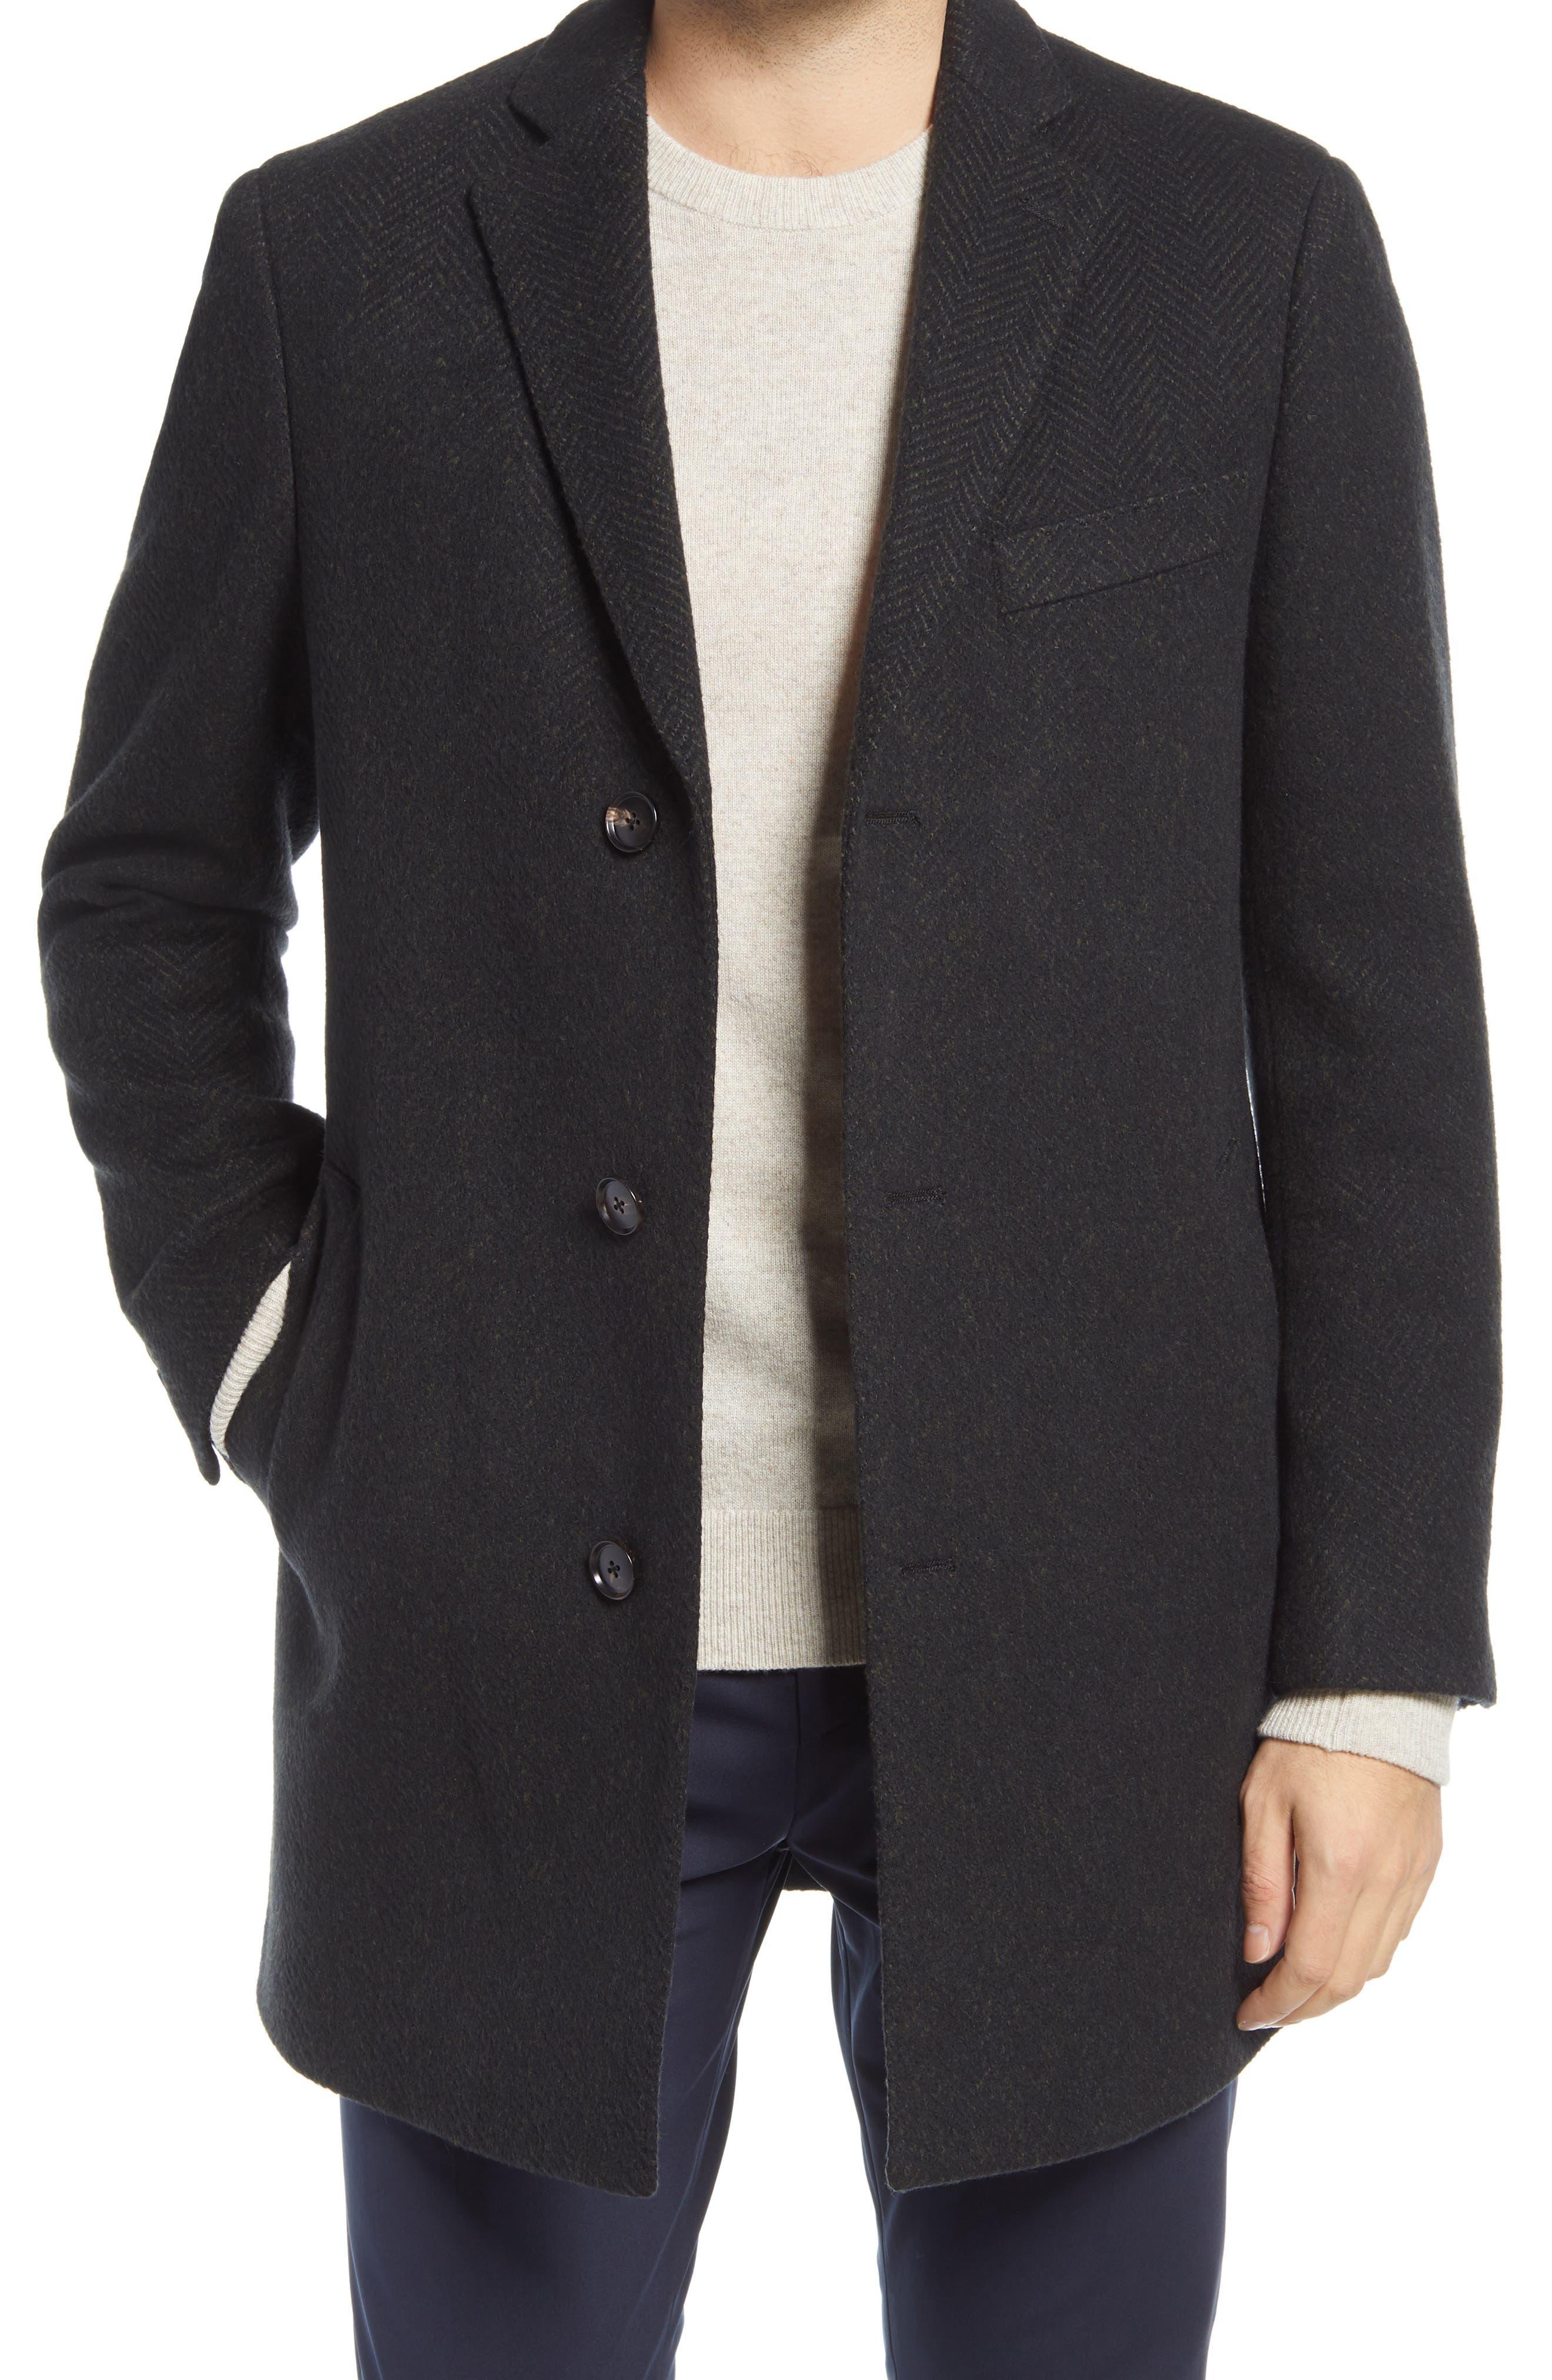 Stone Herringbone Wool Blend Overcoat